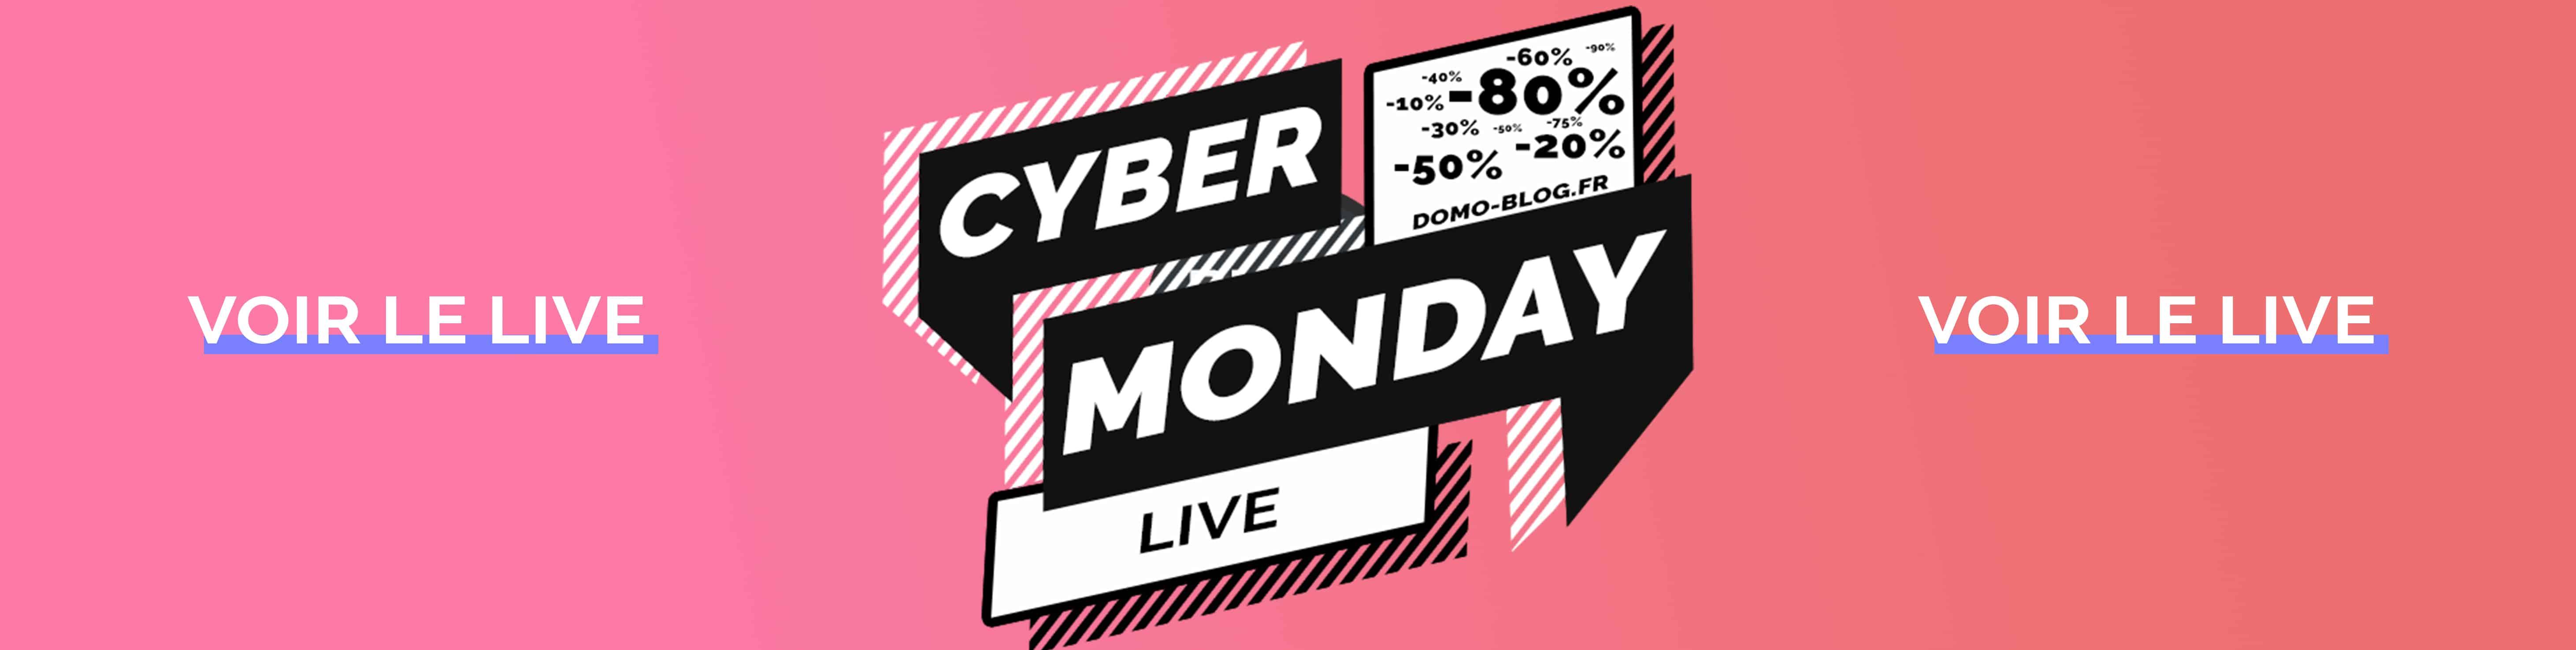 ban-cyber-monday-live